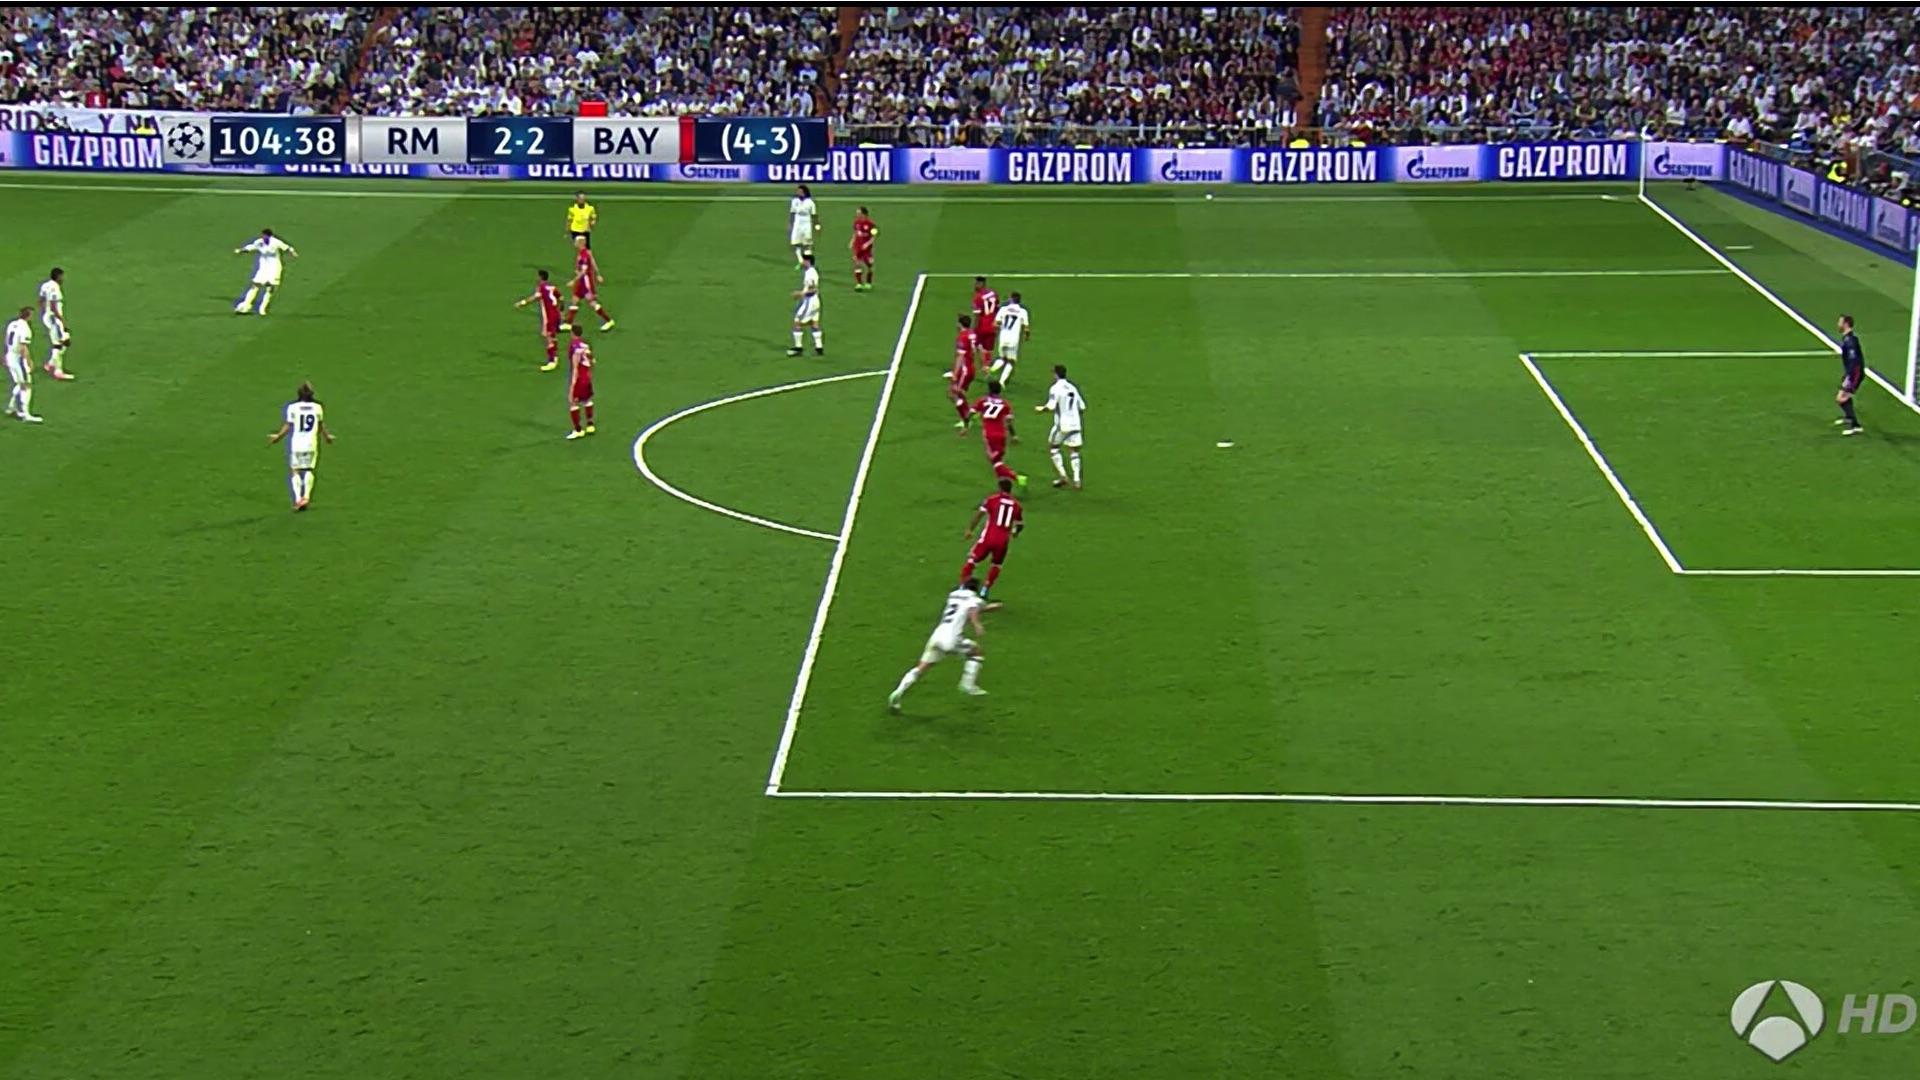 cristiano ronaldo marc el 2 2 en fuera de juego ForFuera De Juego Real Madrid